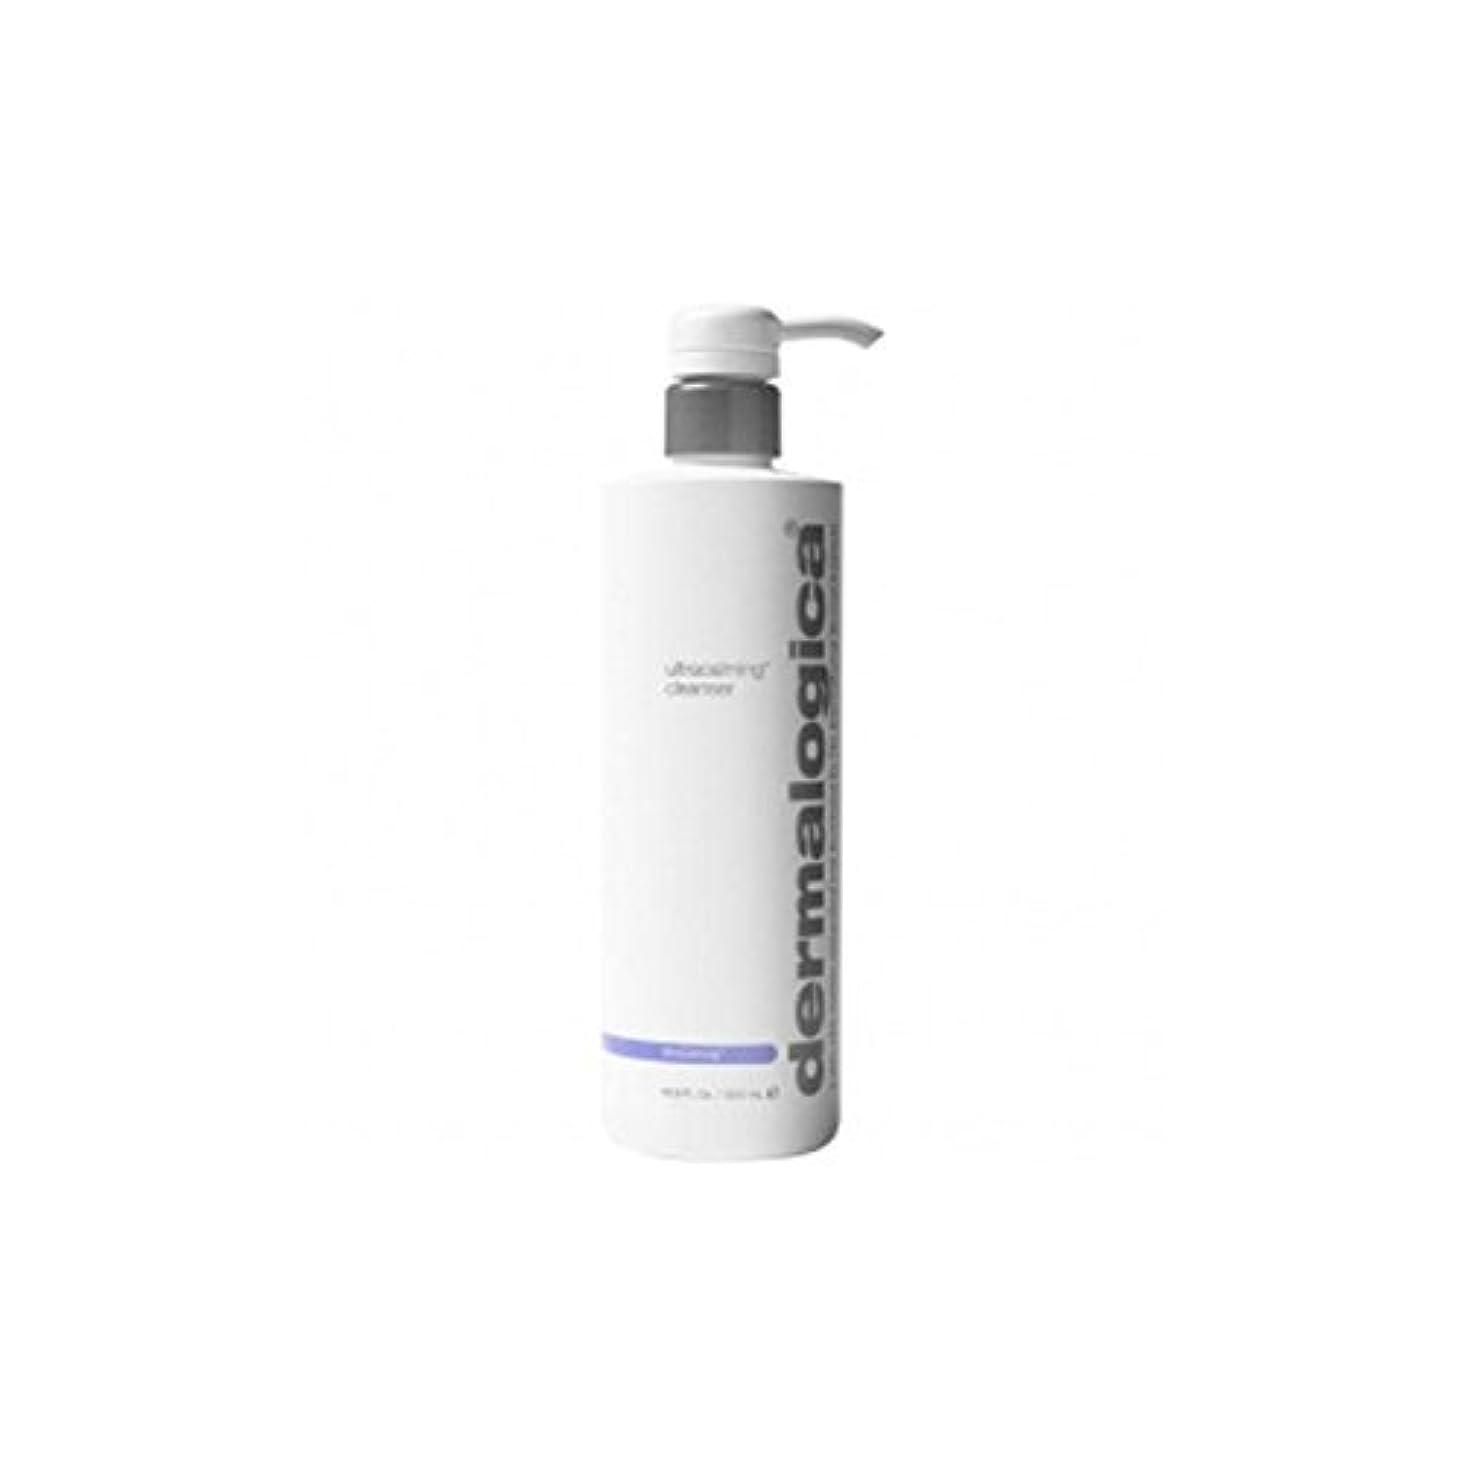 サーフィン差別みDermalogica Ultracalming Cleanser (500ml) (Pack of 6) - ダーマロジカクレンザー(500ミリリットル) x6 [並行輸入品]